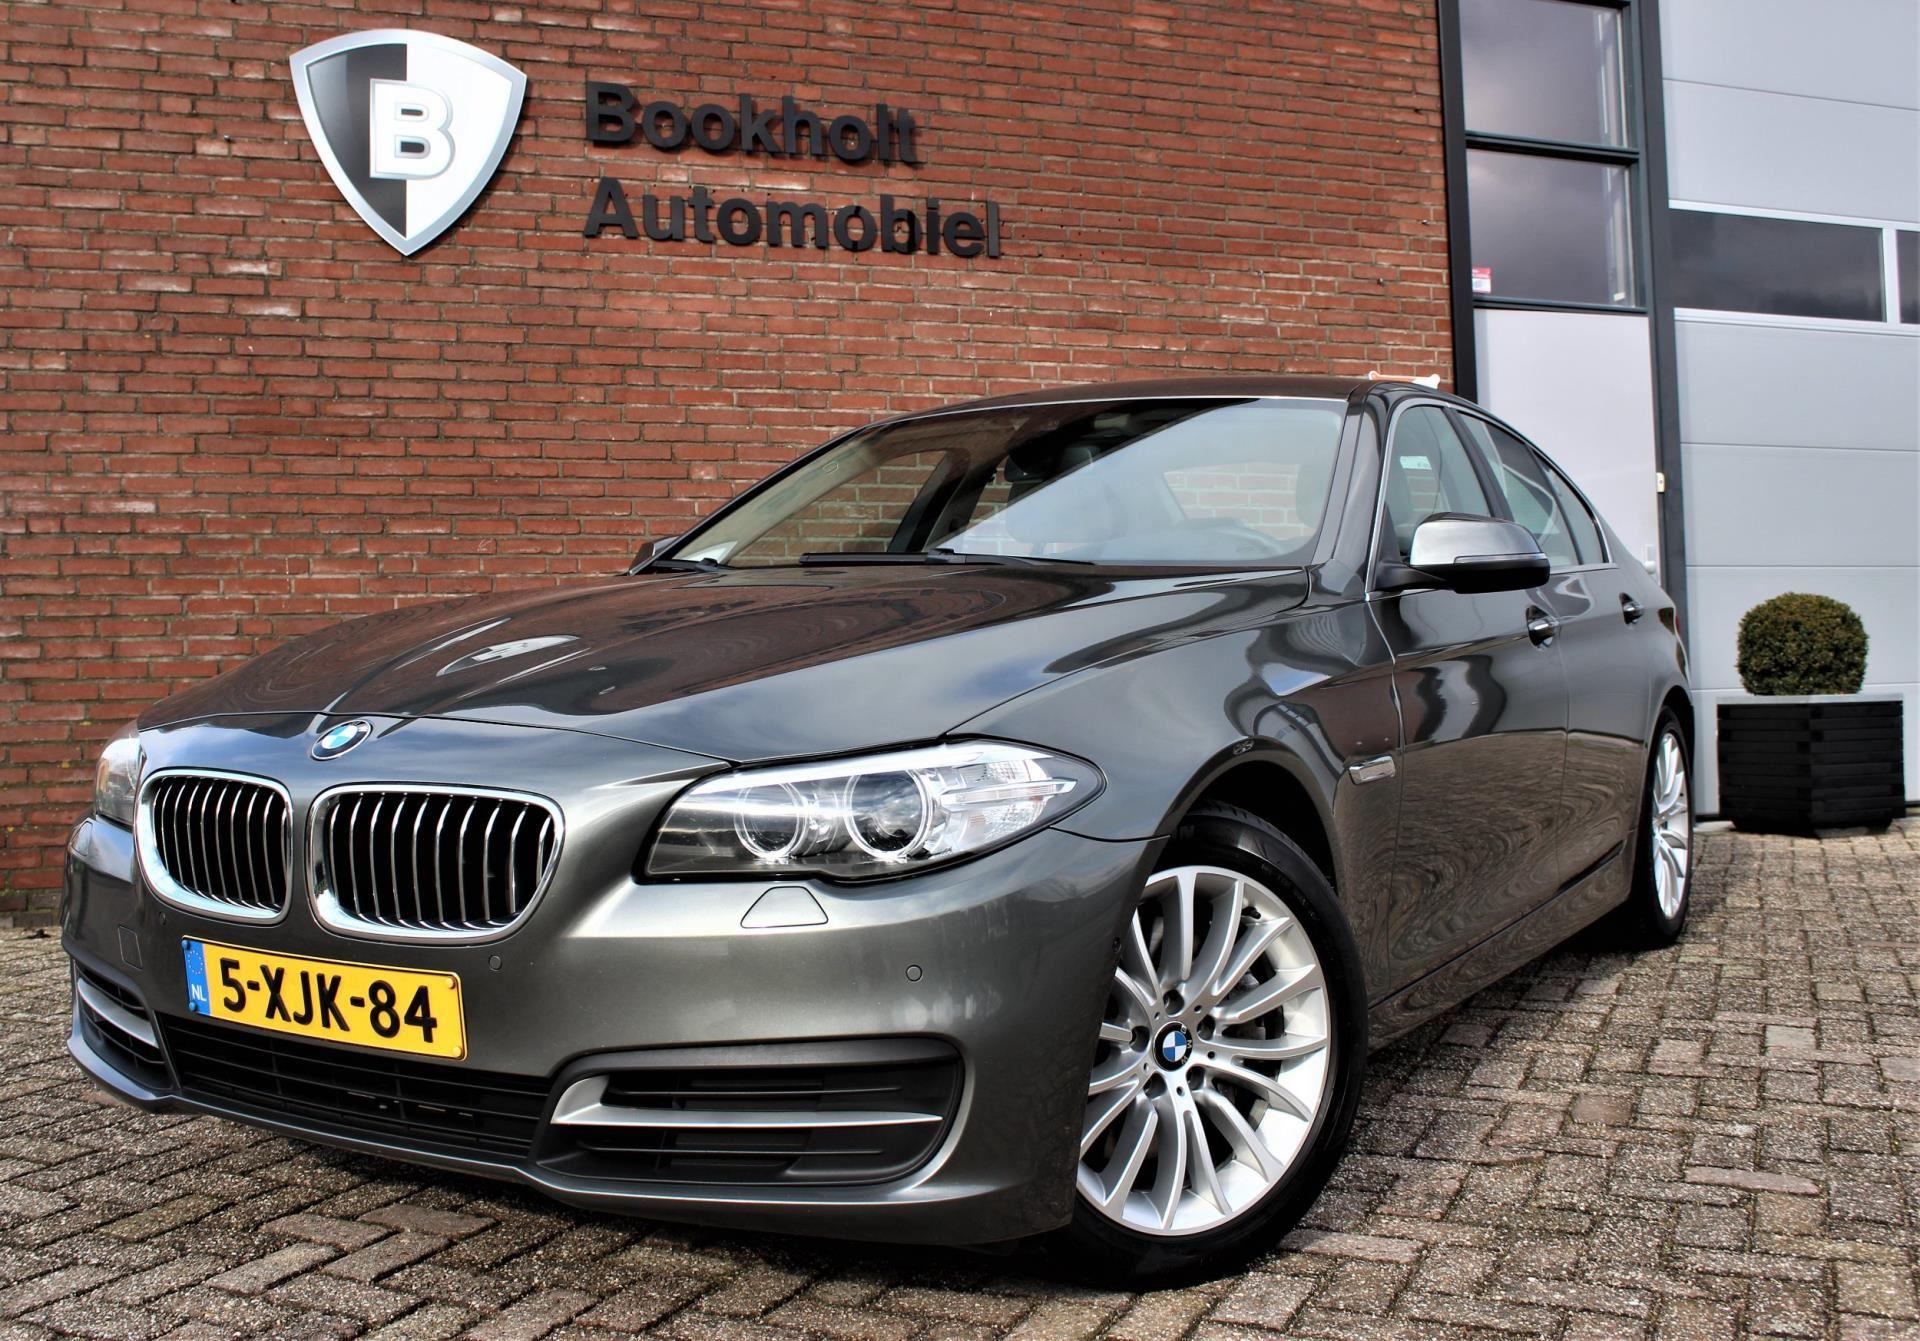 BMW 5-serie occasion - Bookholt Automobiel